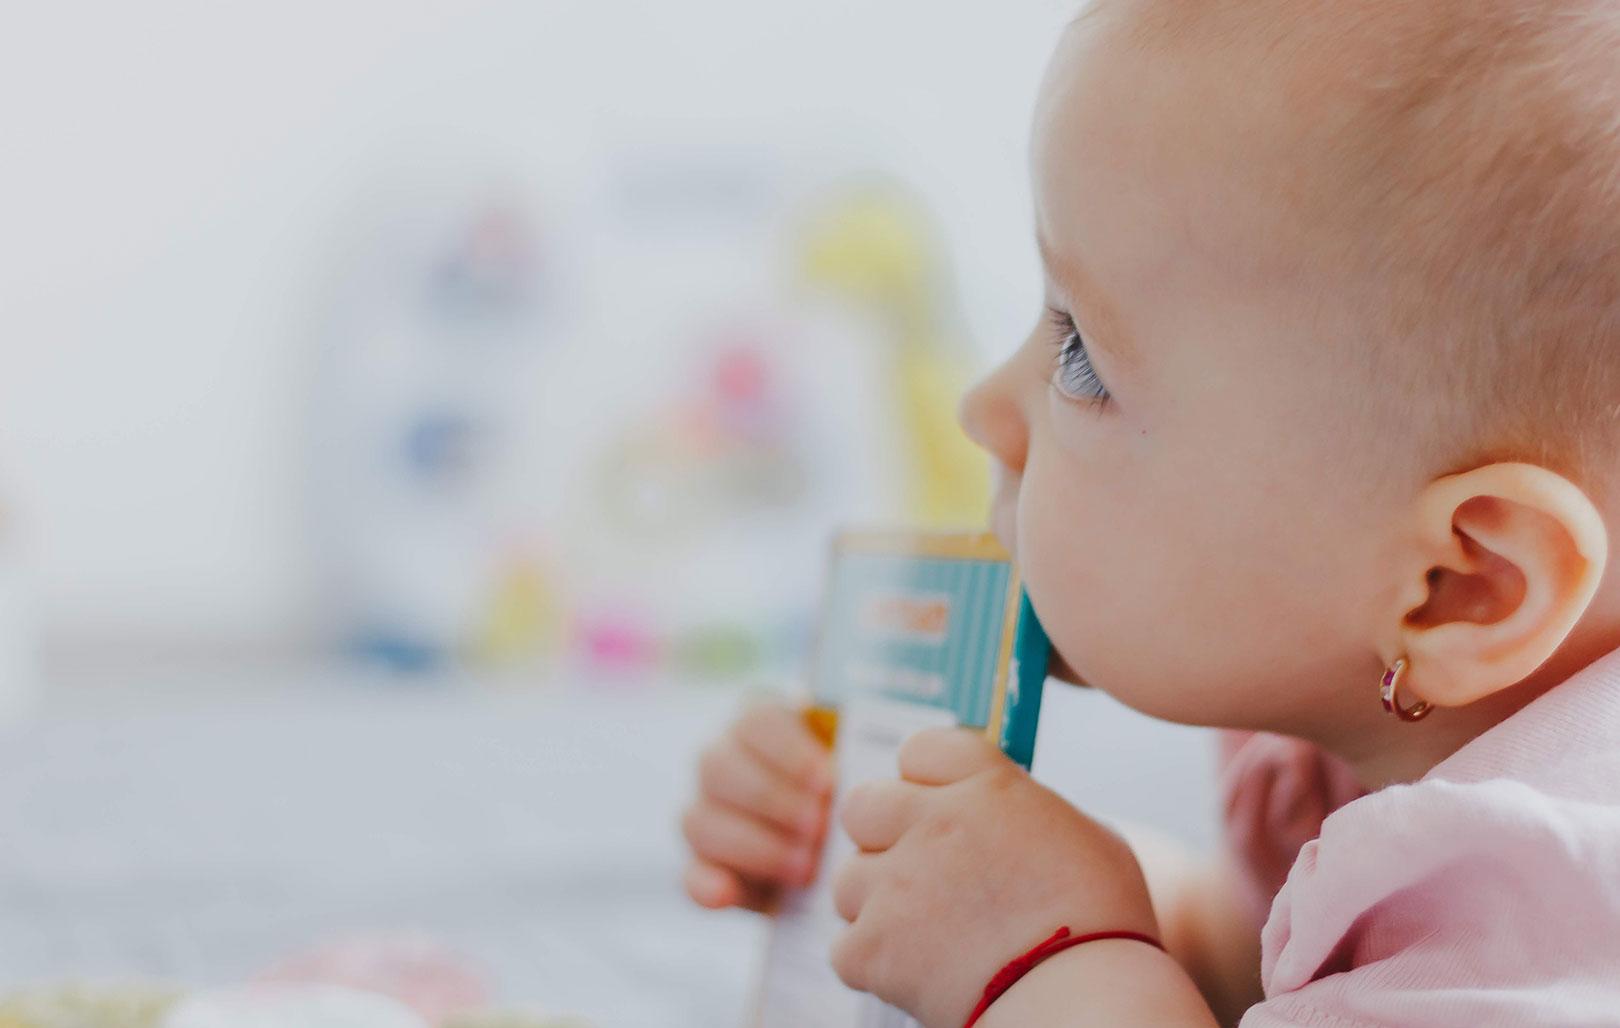 Un bébé croque un papier de médicament